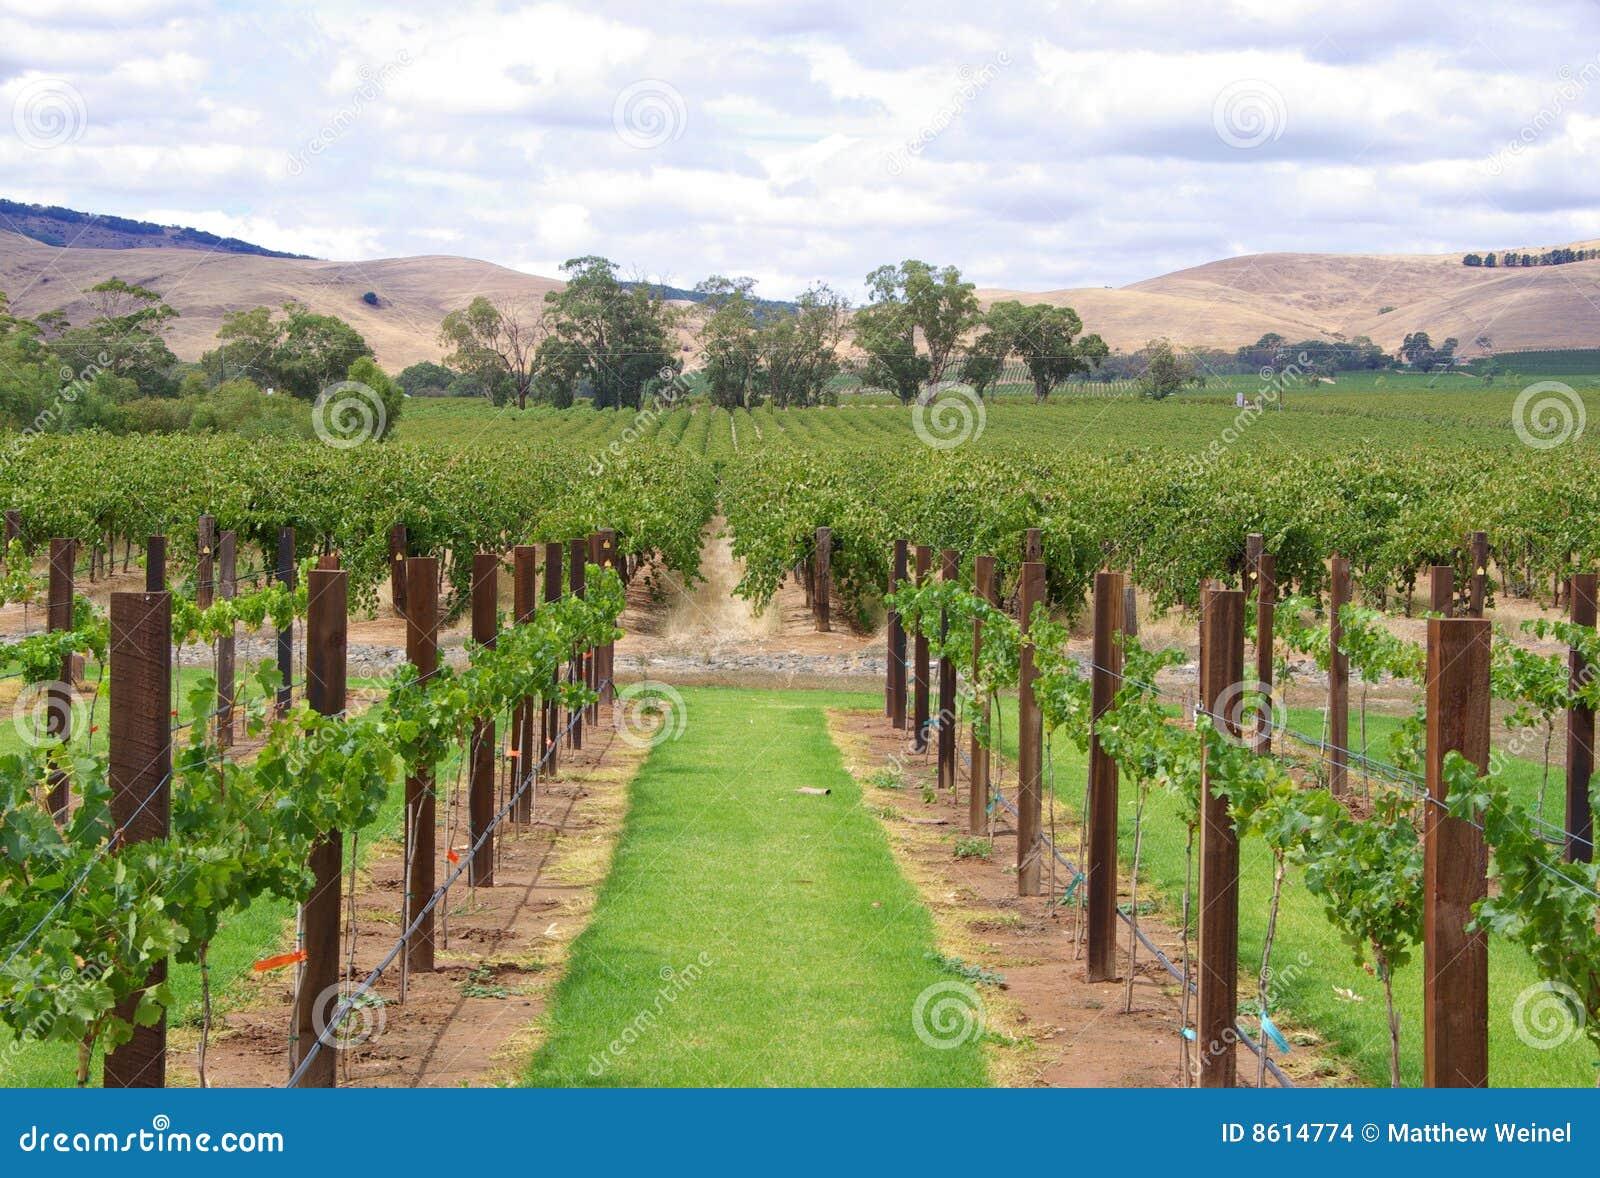 Vines & Hills